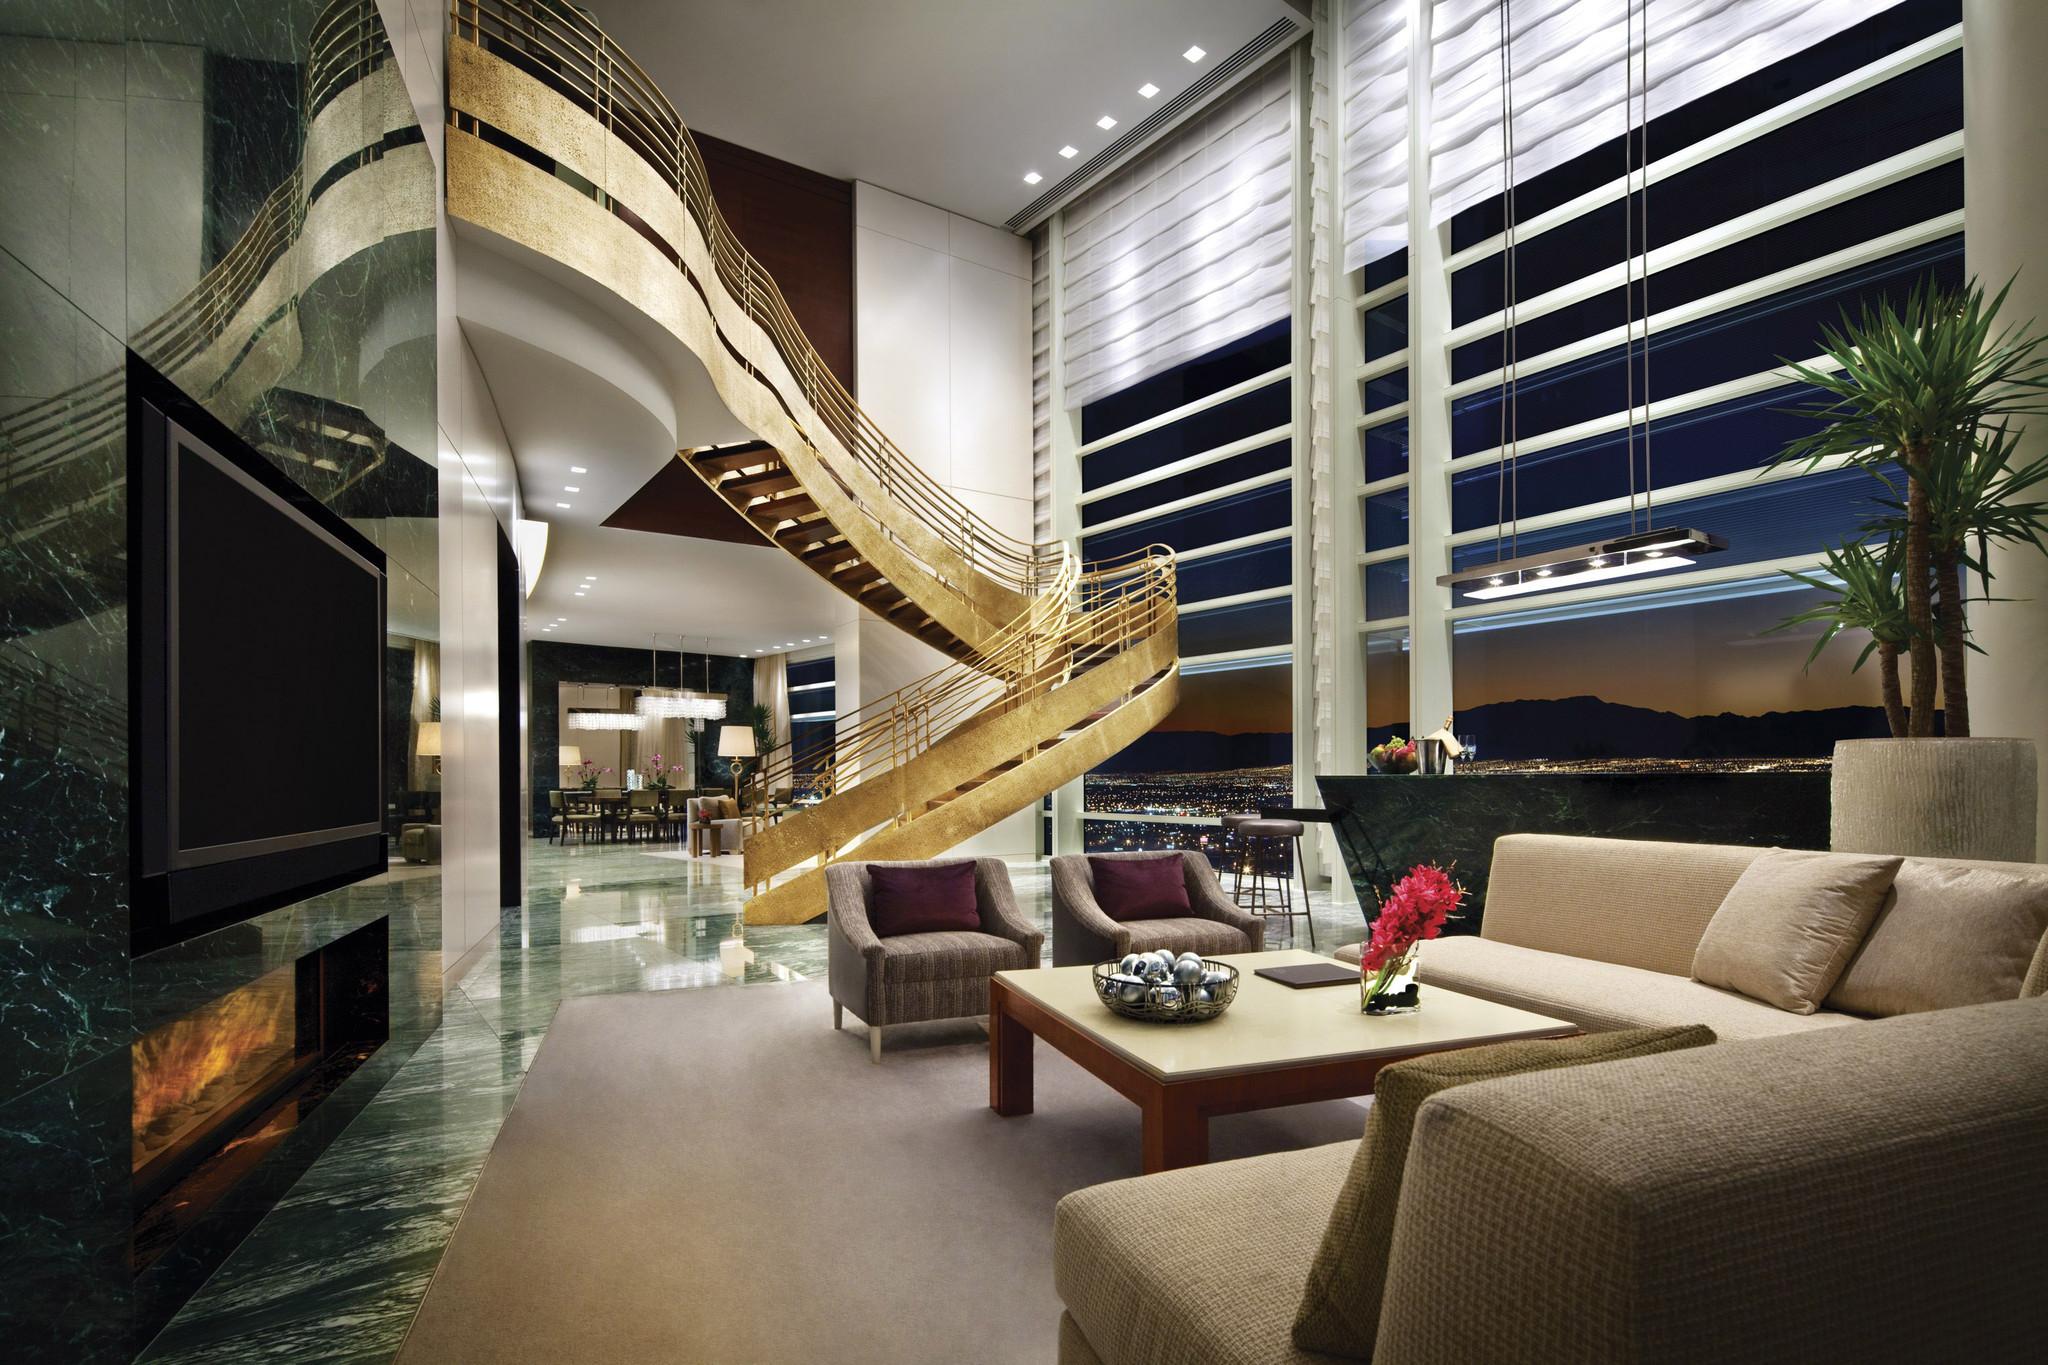 Top Hotels Las Vegas